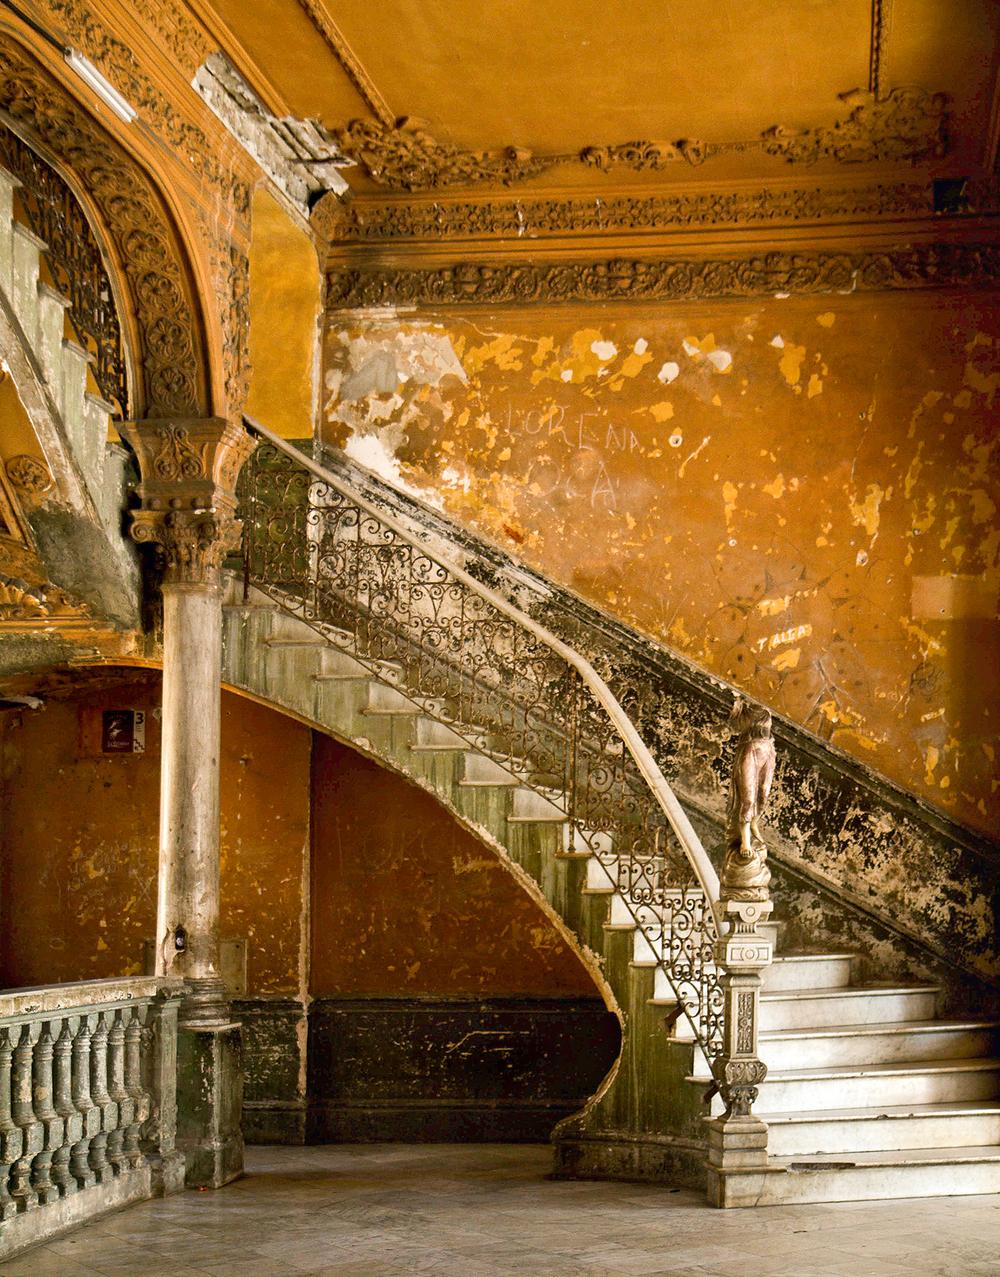 staircase_11x14.jpg